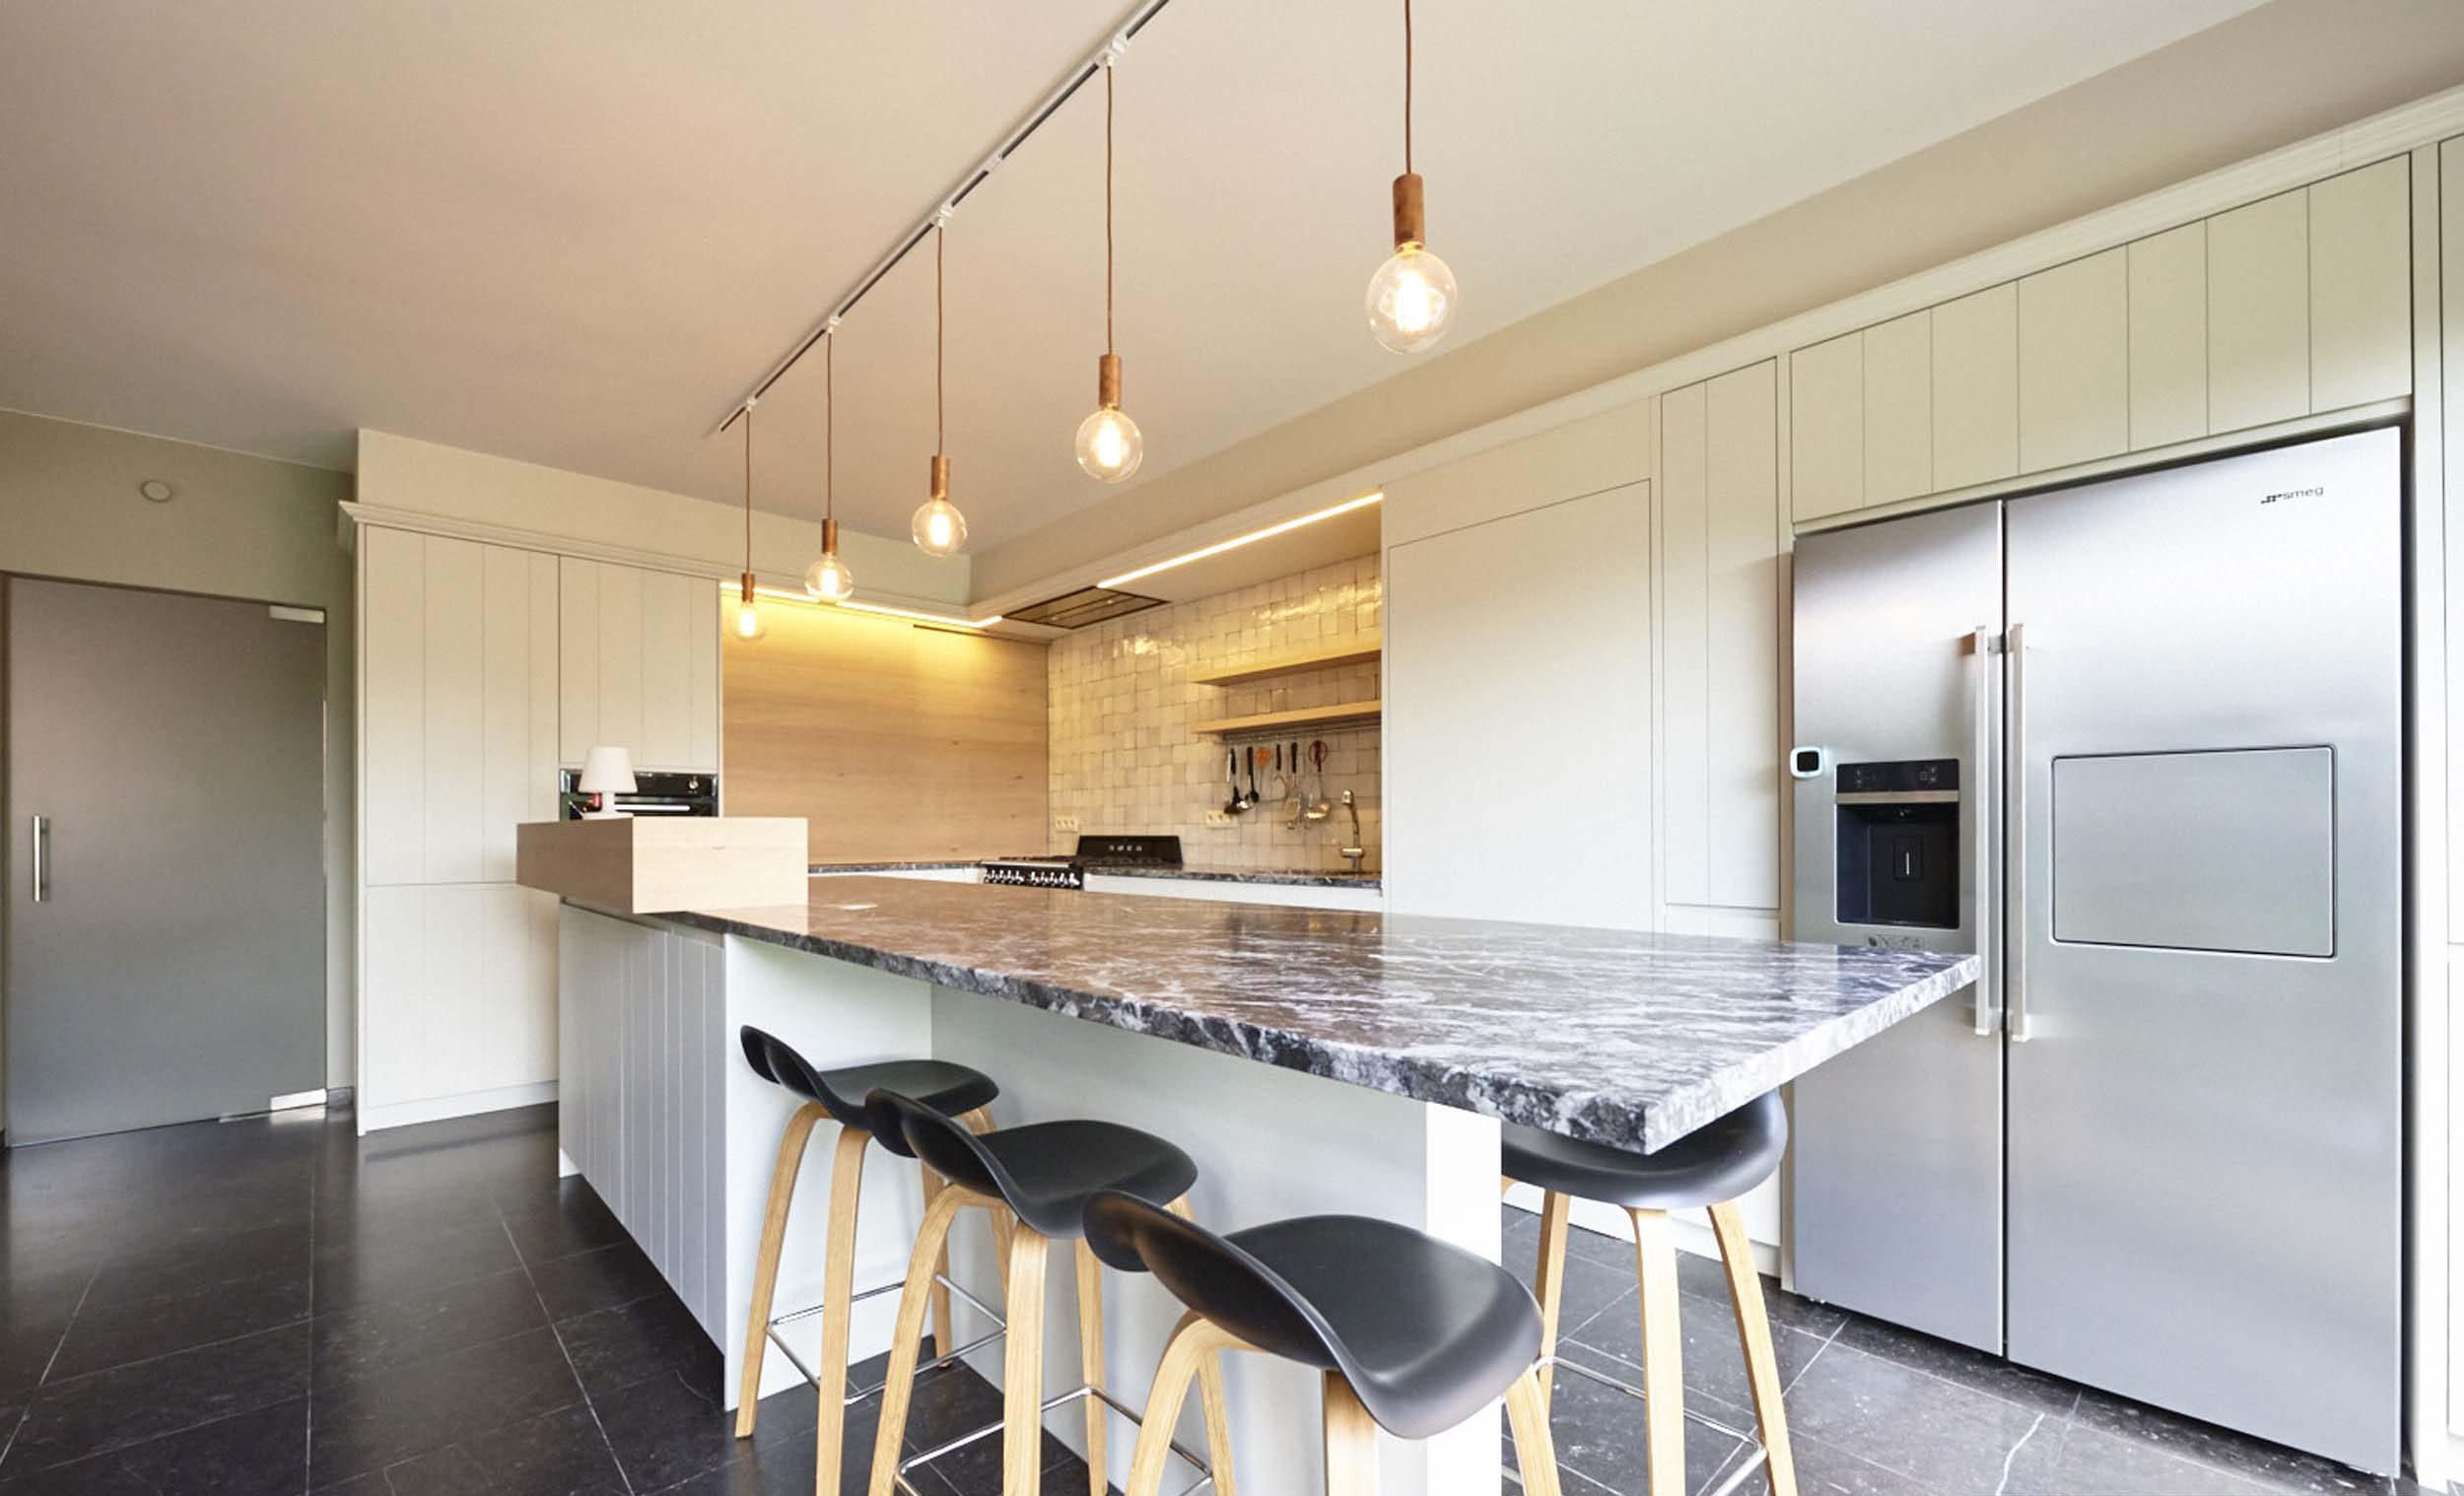 Vanda-projects-interieurinrichting-meubelmakerij-oost-vlaanderen-dumoulin-eetstoelen